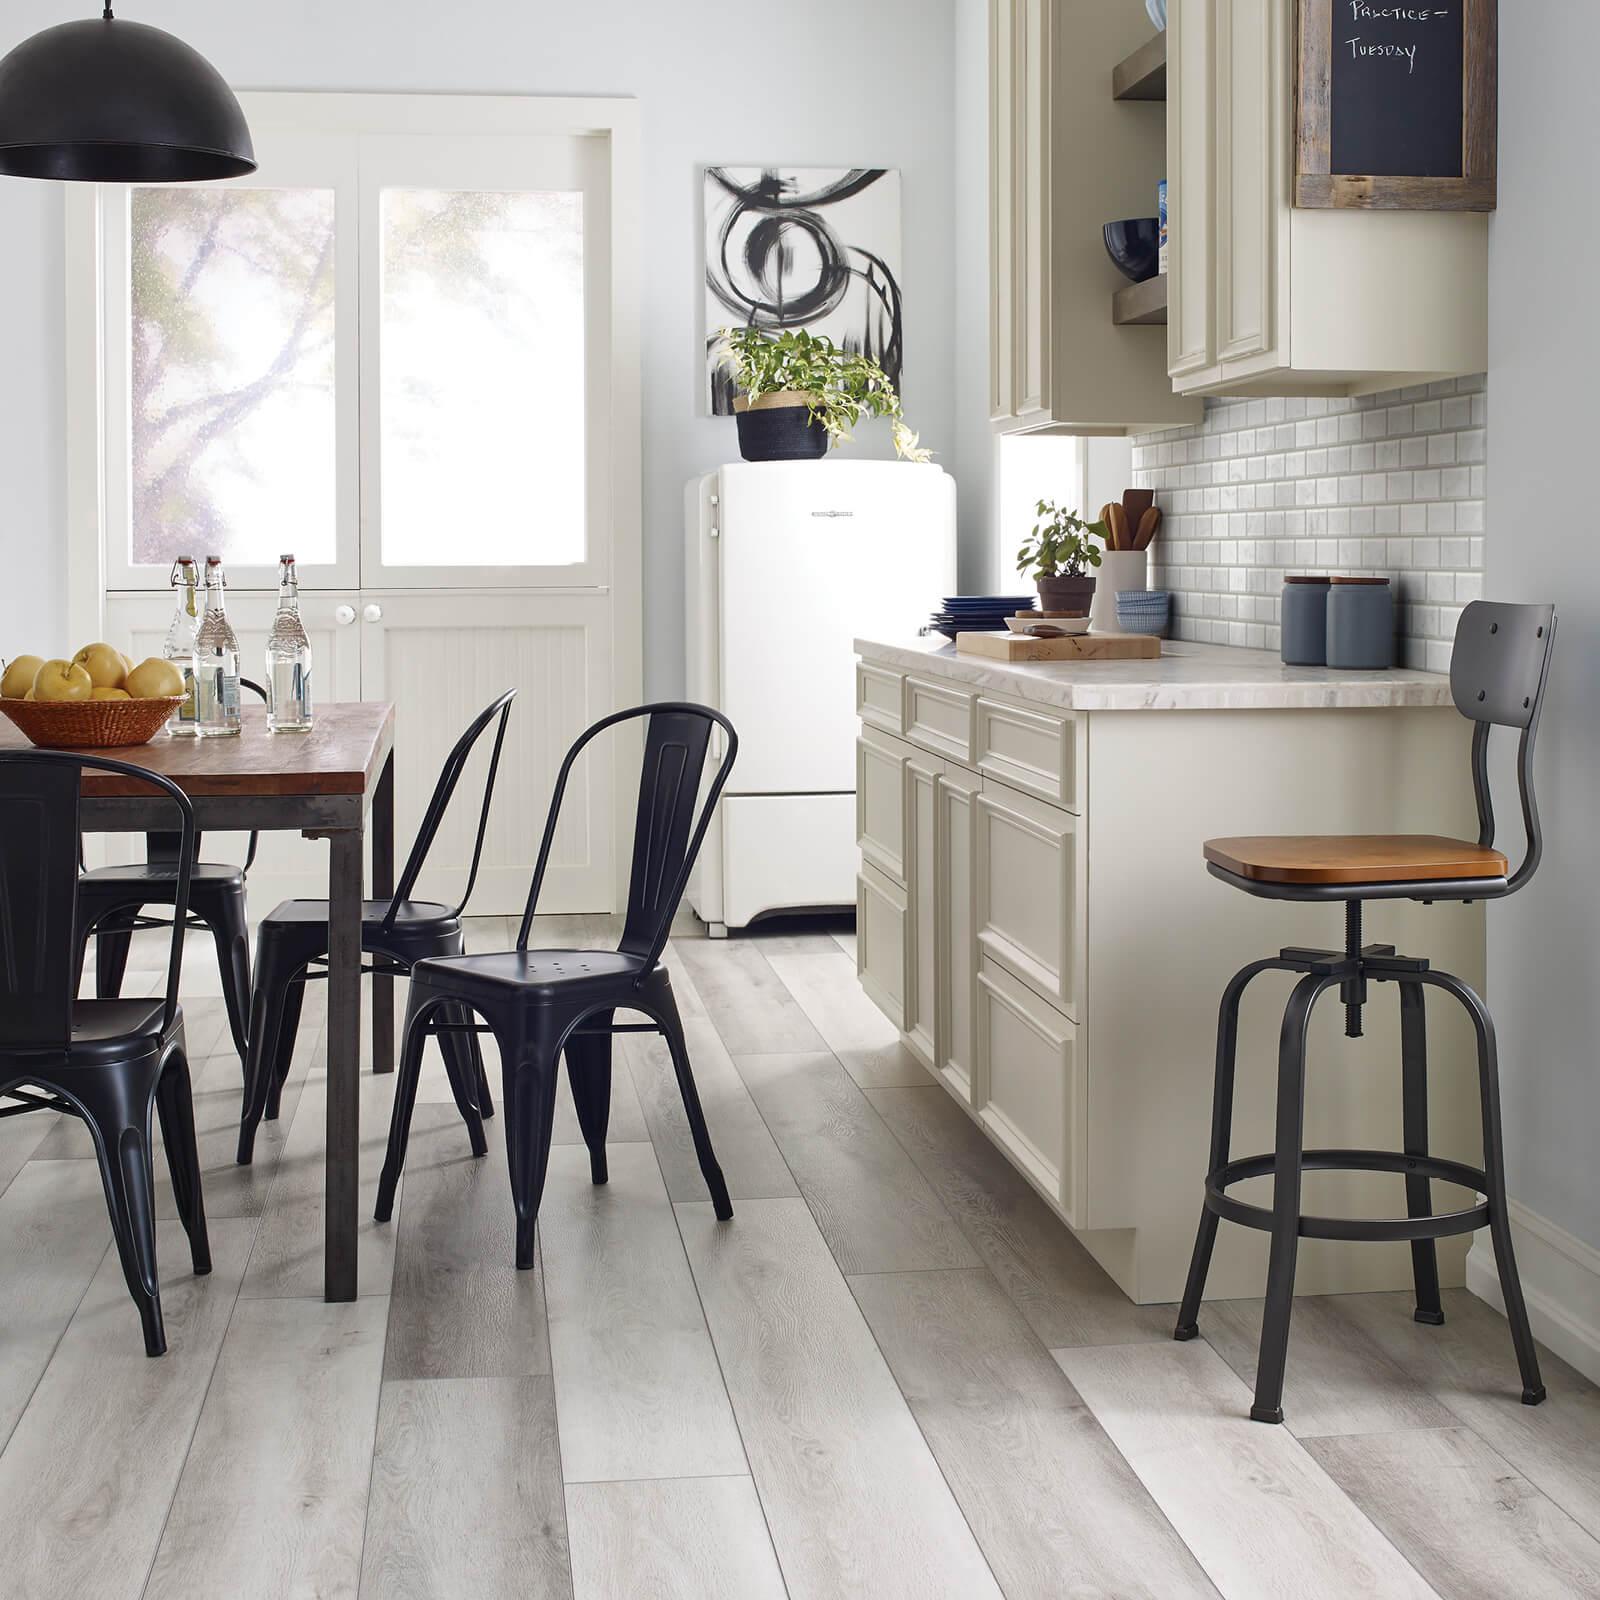 Dining room | McSwain Carpet & Floors